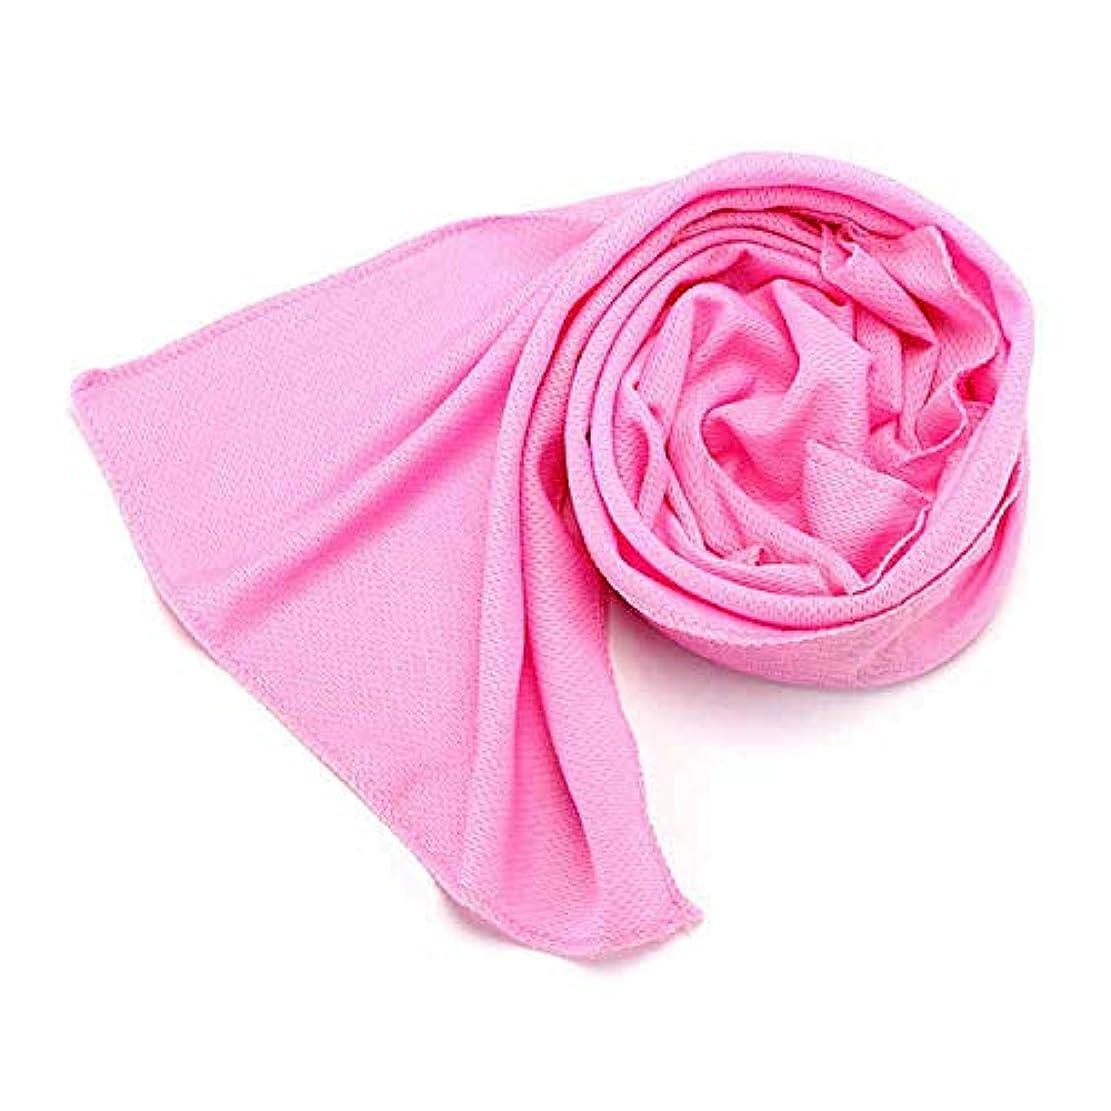 飛び込む伝記ソブリケットMaxcrestas - 1pcs 30*90cm Men Women Cool Sport Sweat Absorbing Towel Ice Cooling Gym Face Towels toalla Gift